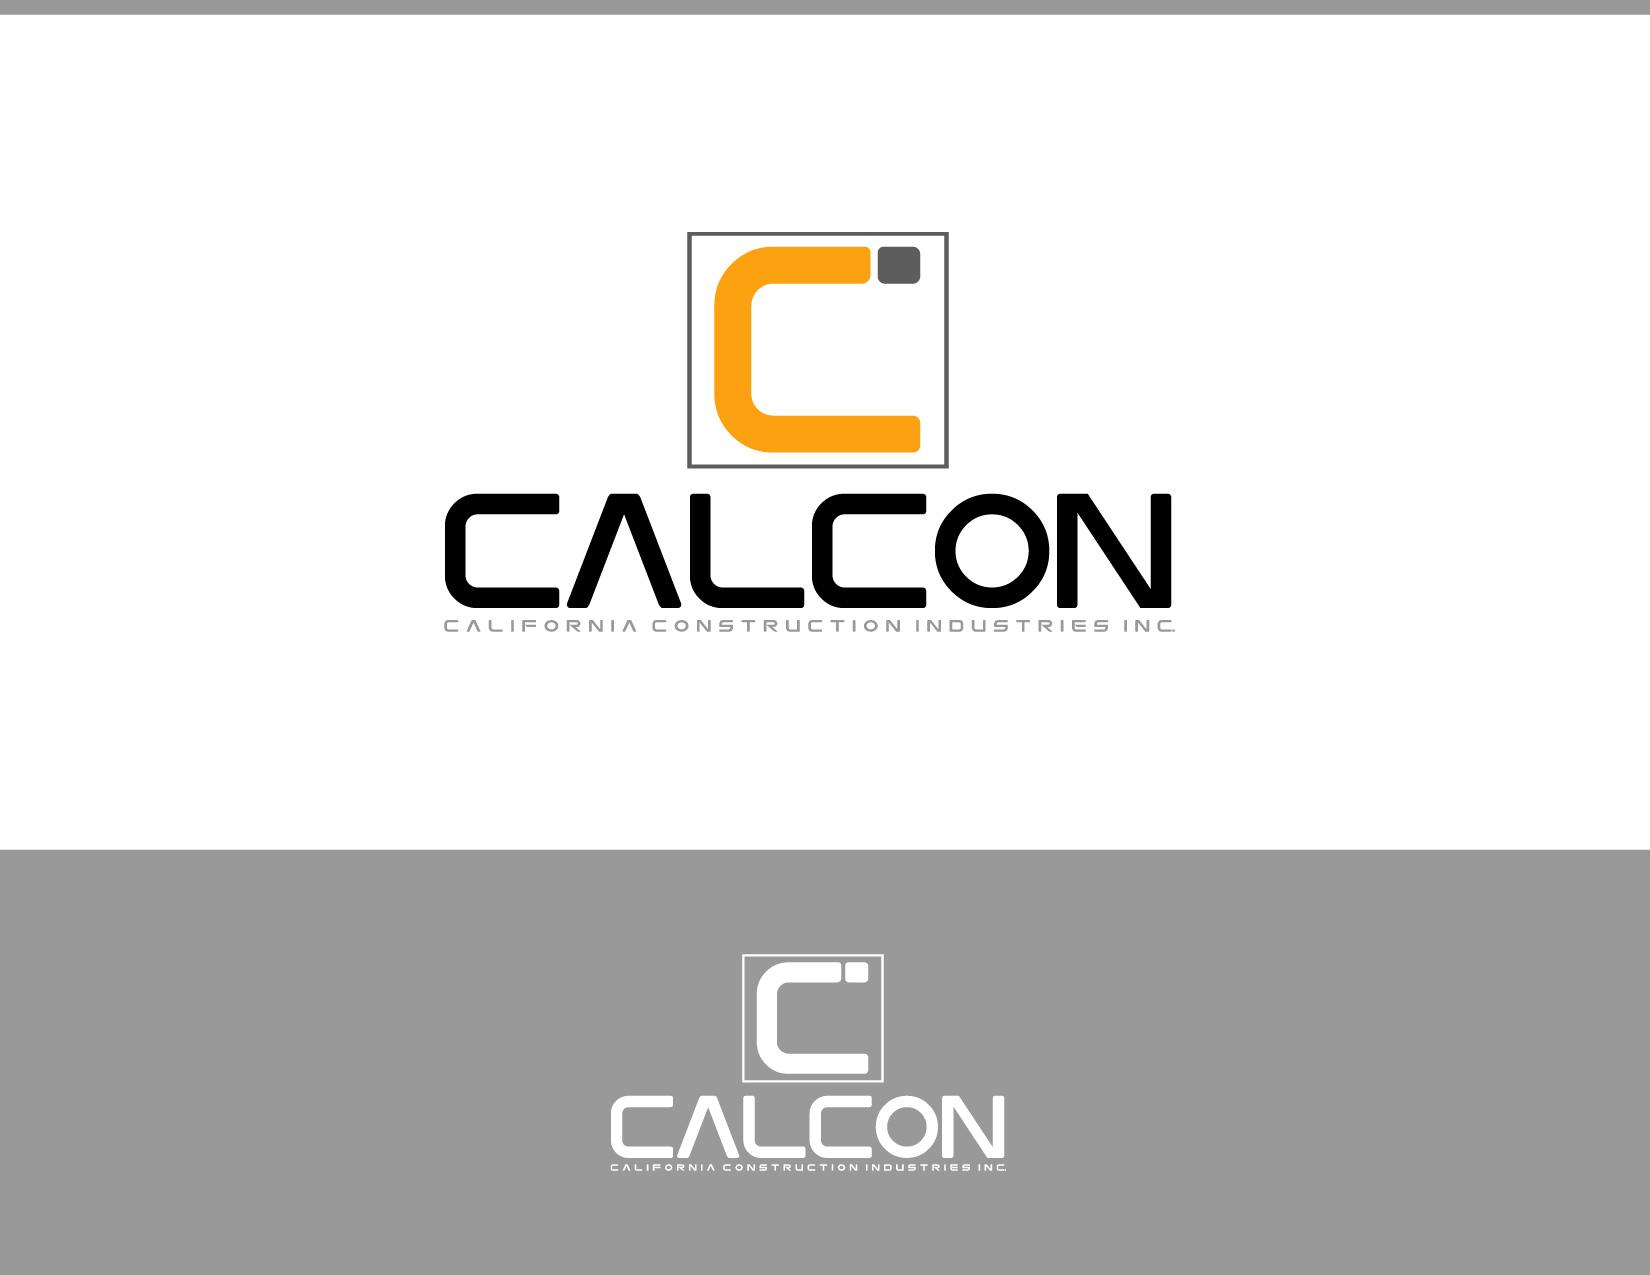 Logo Design by Allan Esclamado - Entry No. 48 in the Logo Design Contest California Construction Industries Inc. Logo Design.